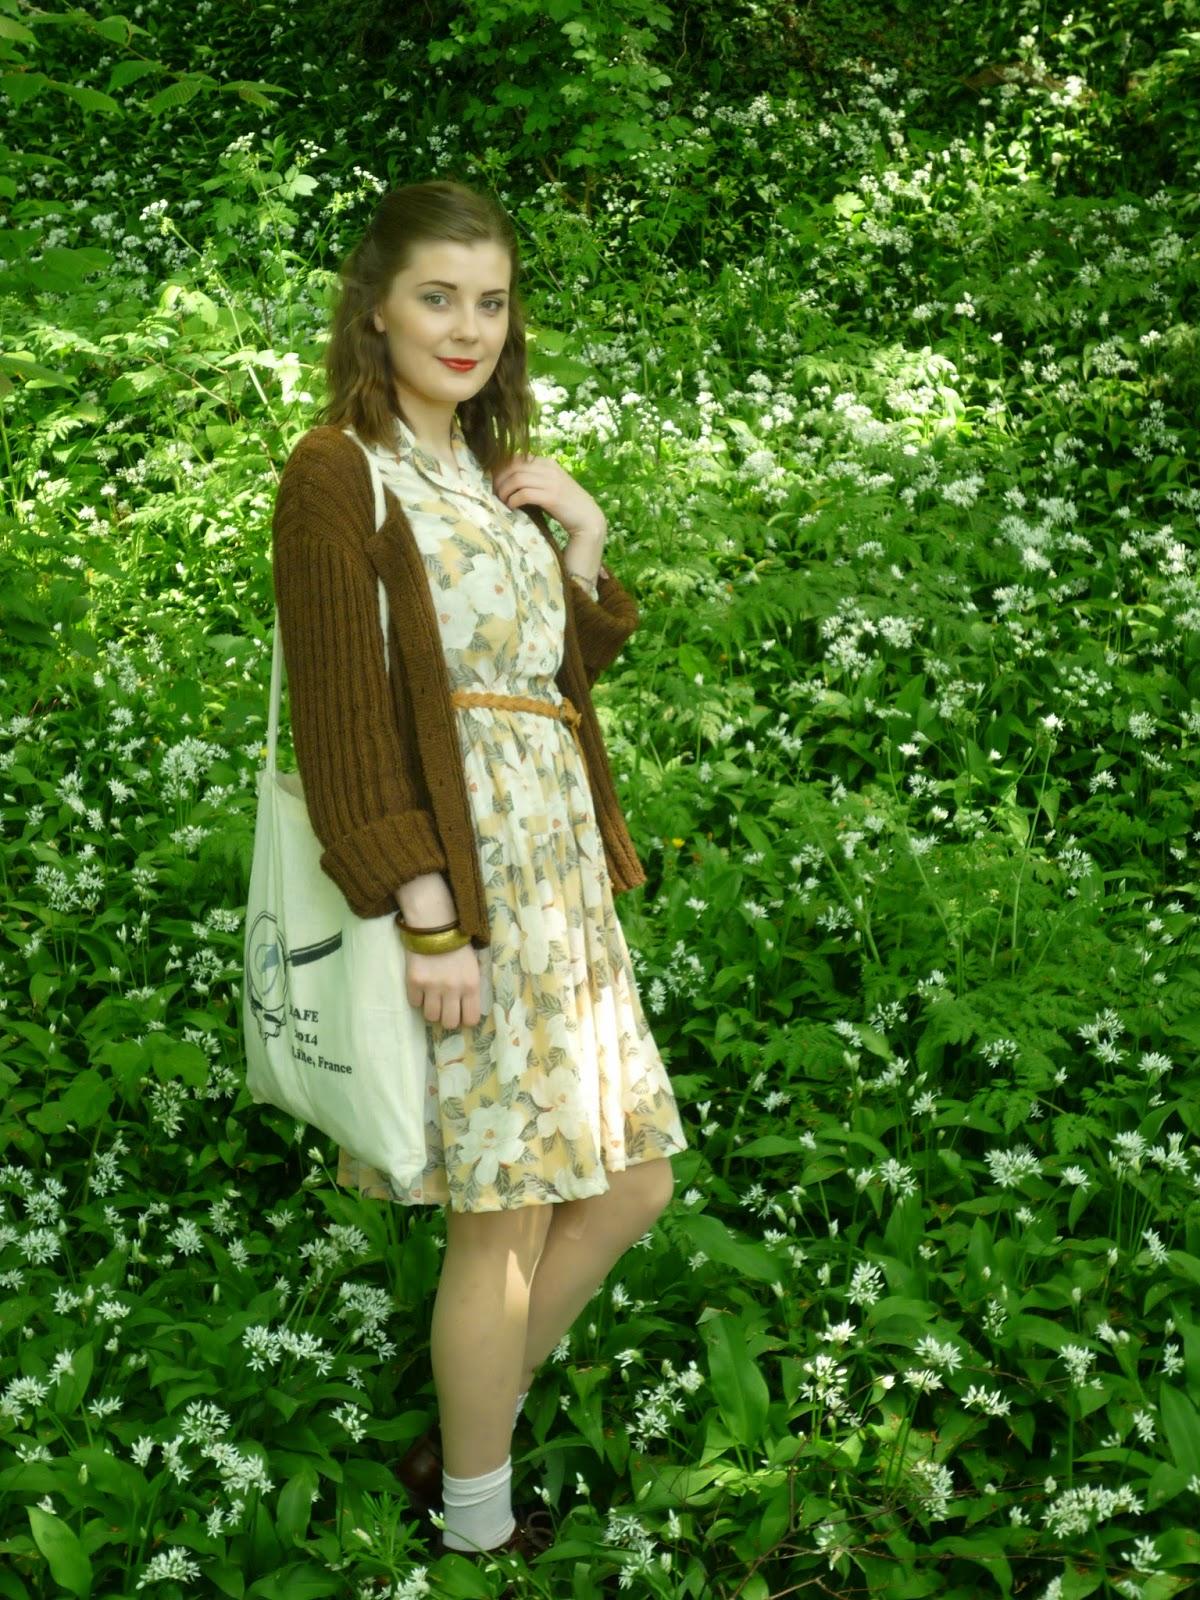 vintage outfit via lovebirds vintage